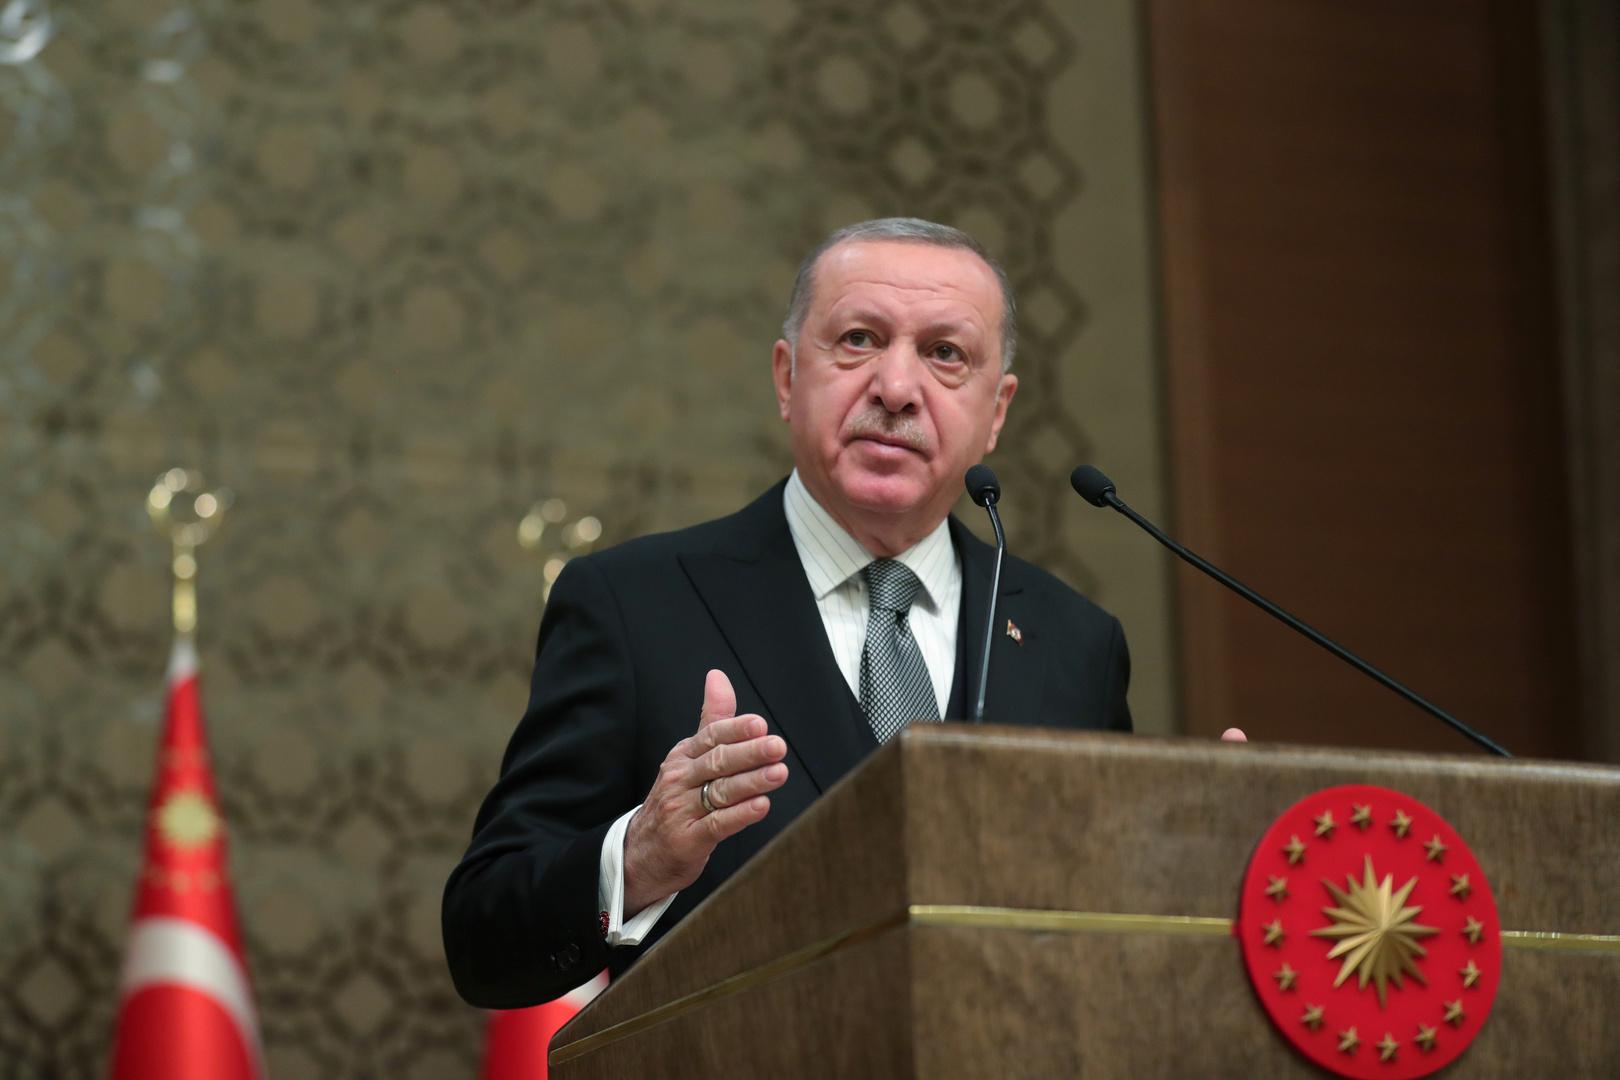 أردوغان يشارك في قمة بشأن ليبيا تعقد في برلين يوم 19 يناير